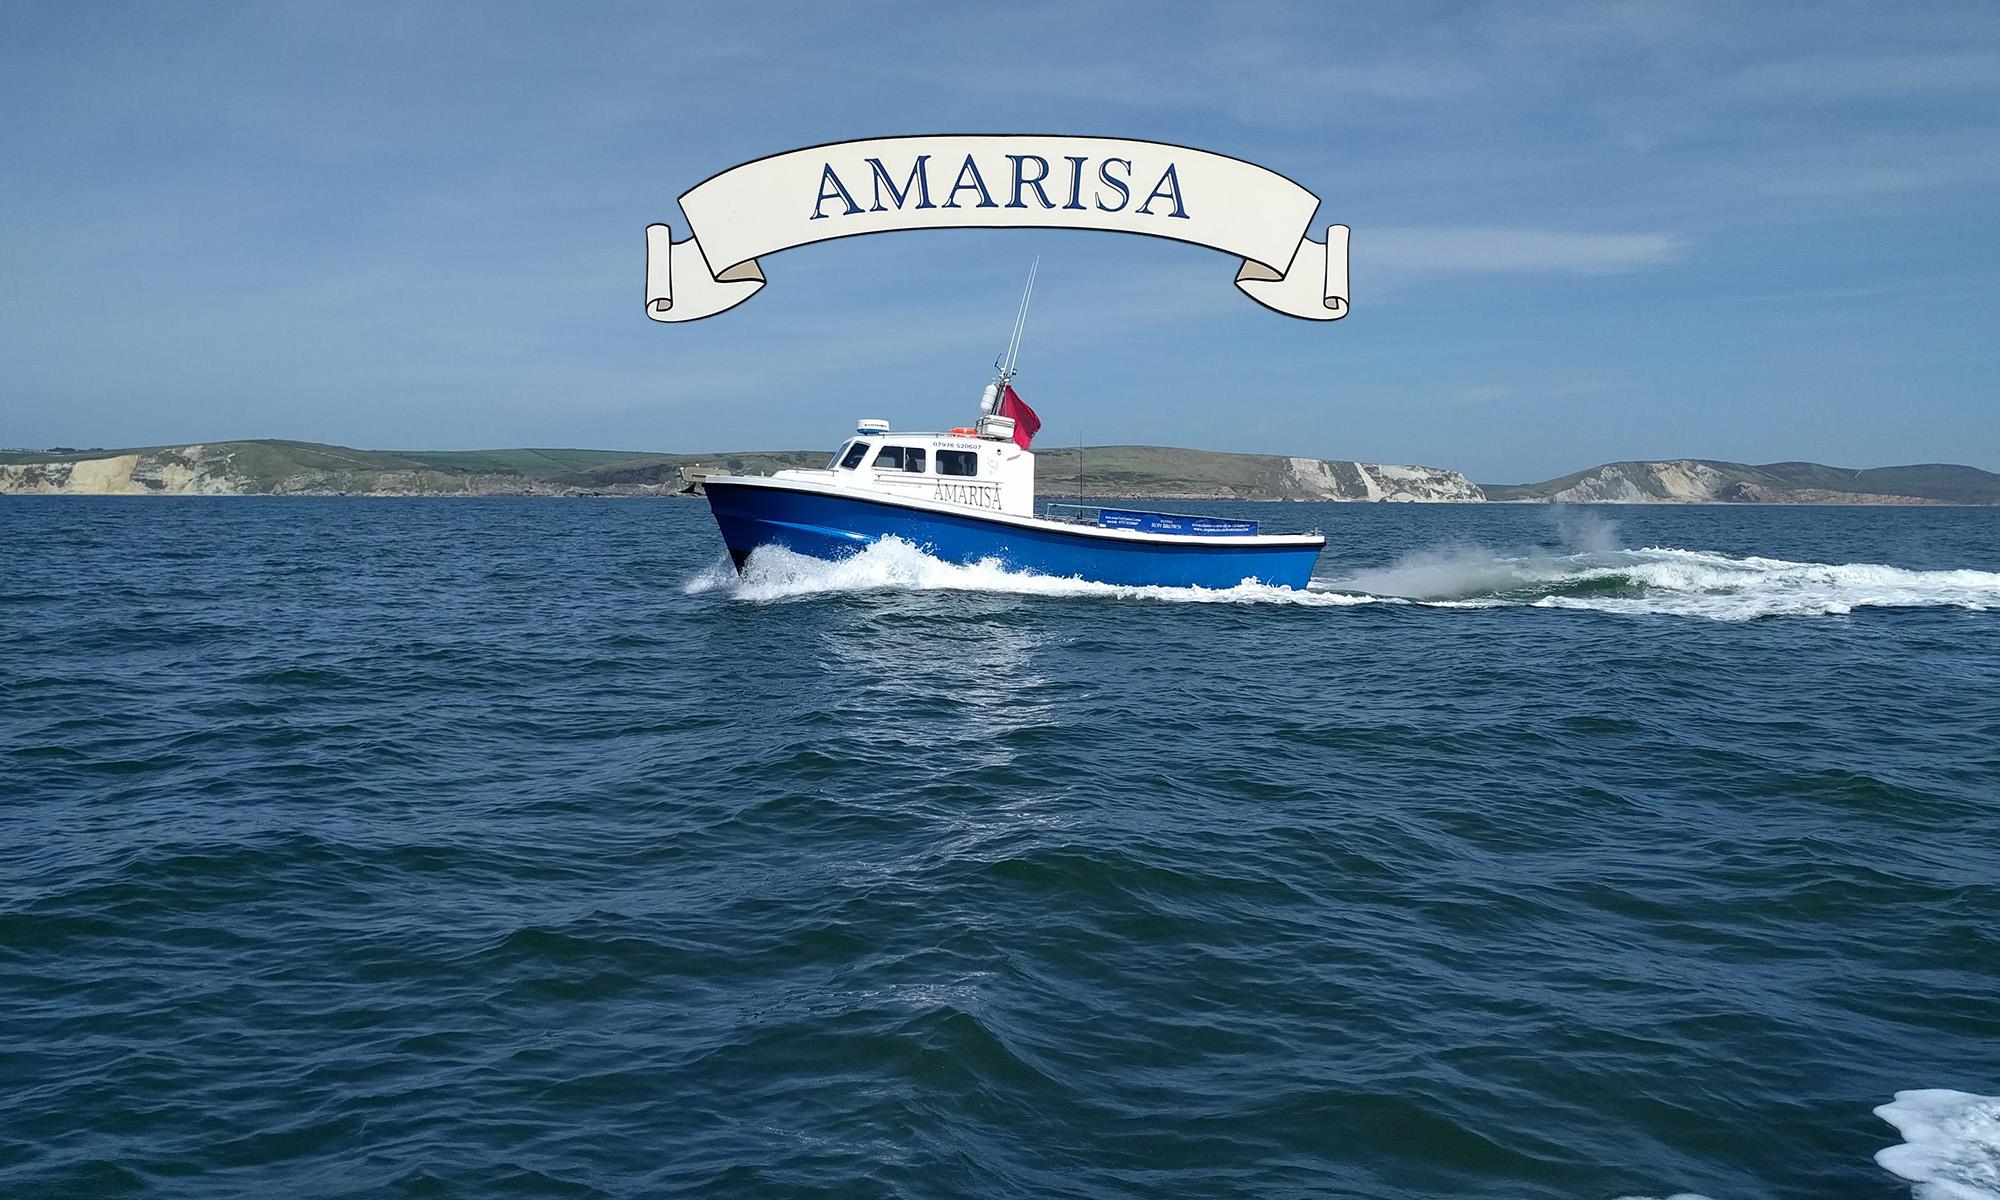 Sea Fishing in Weymouth on The Amarisa